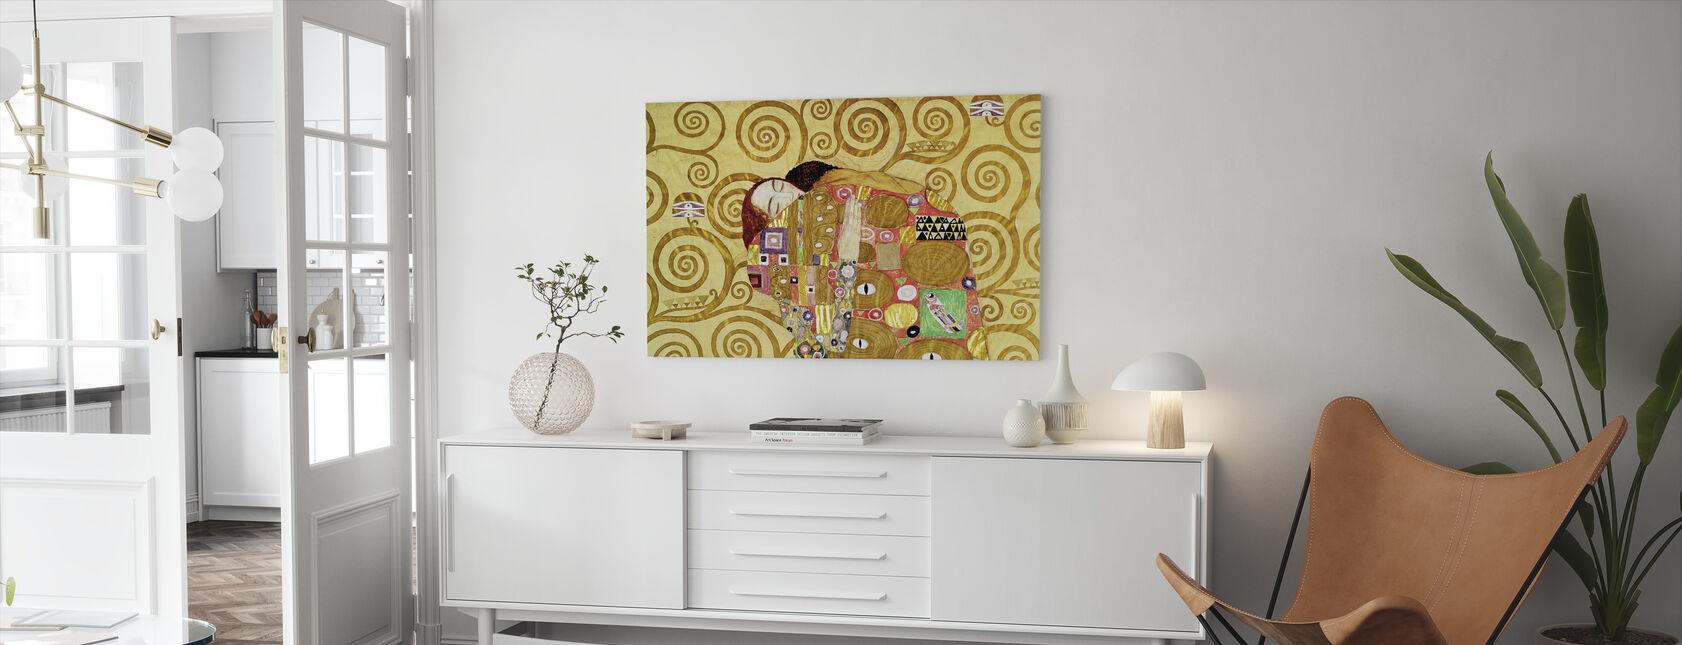 Vervulling - Gustav Klimt - Canvas print - Woonkamer